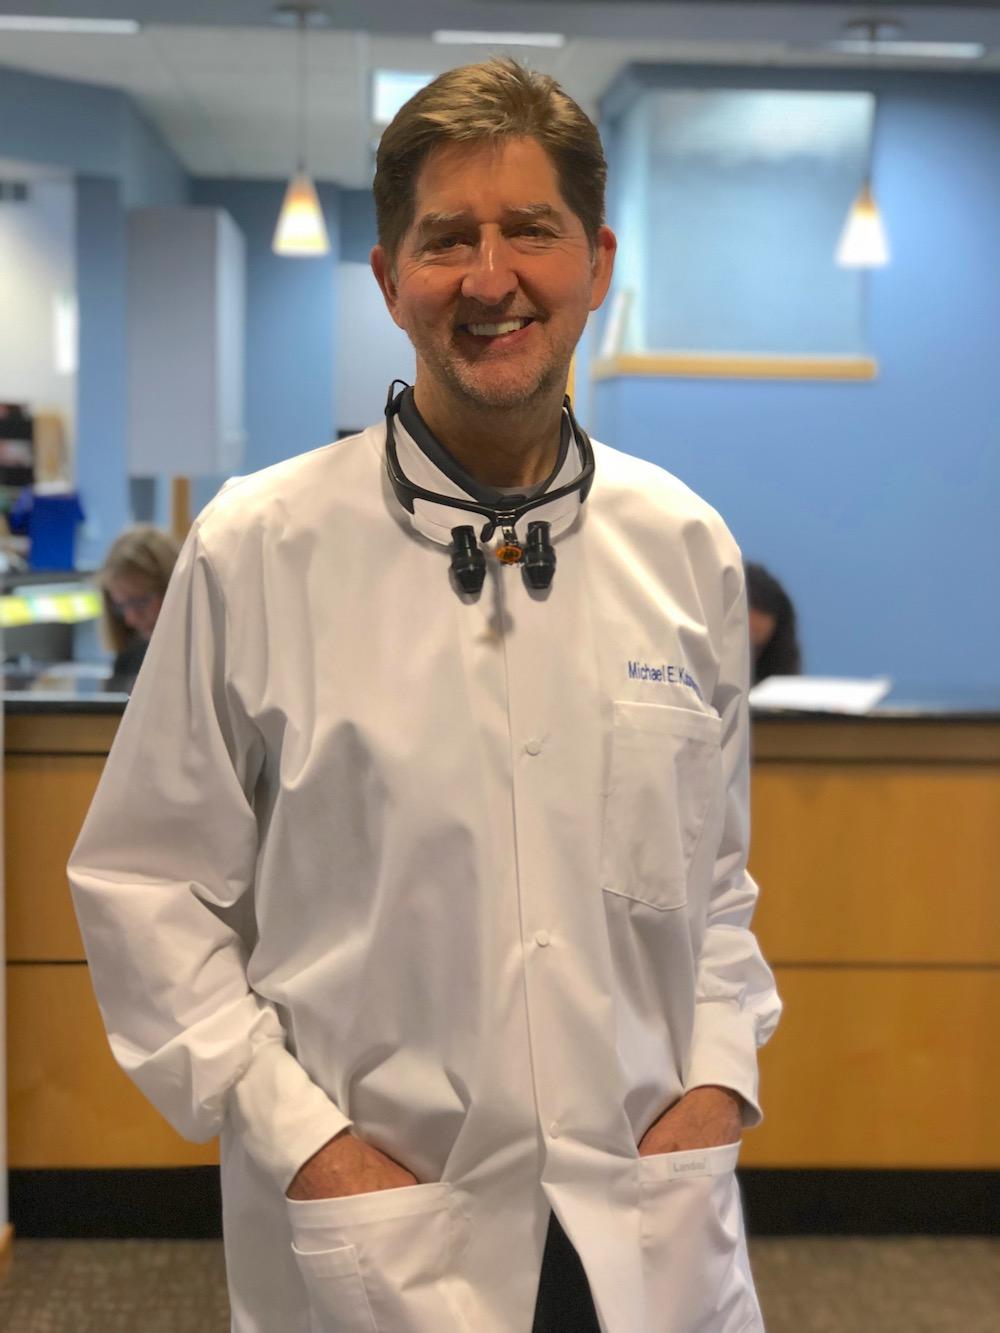 Dr. Kubinski